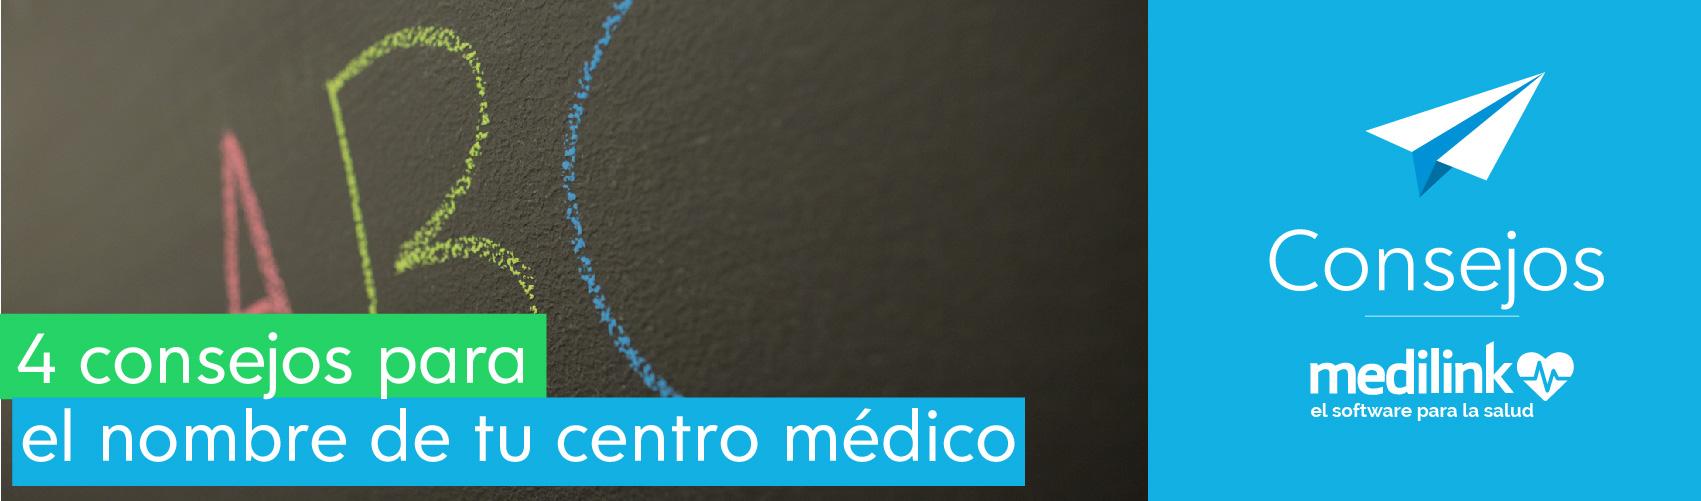 4 consejos para el nombre de tu centro médico